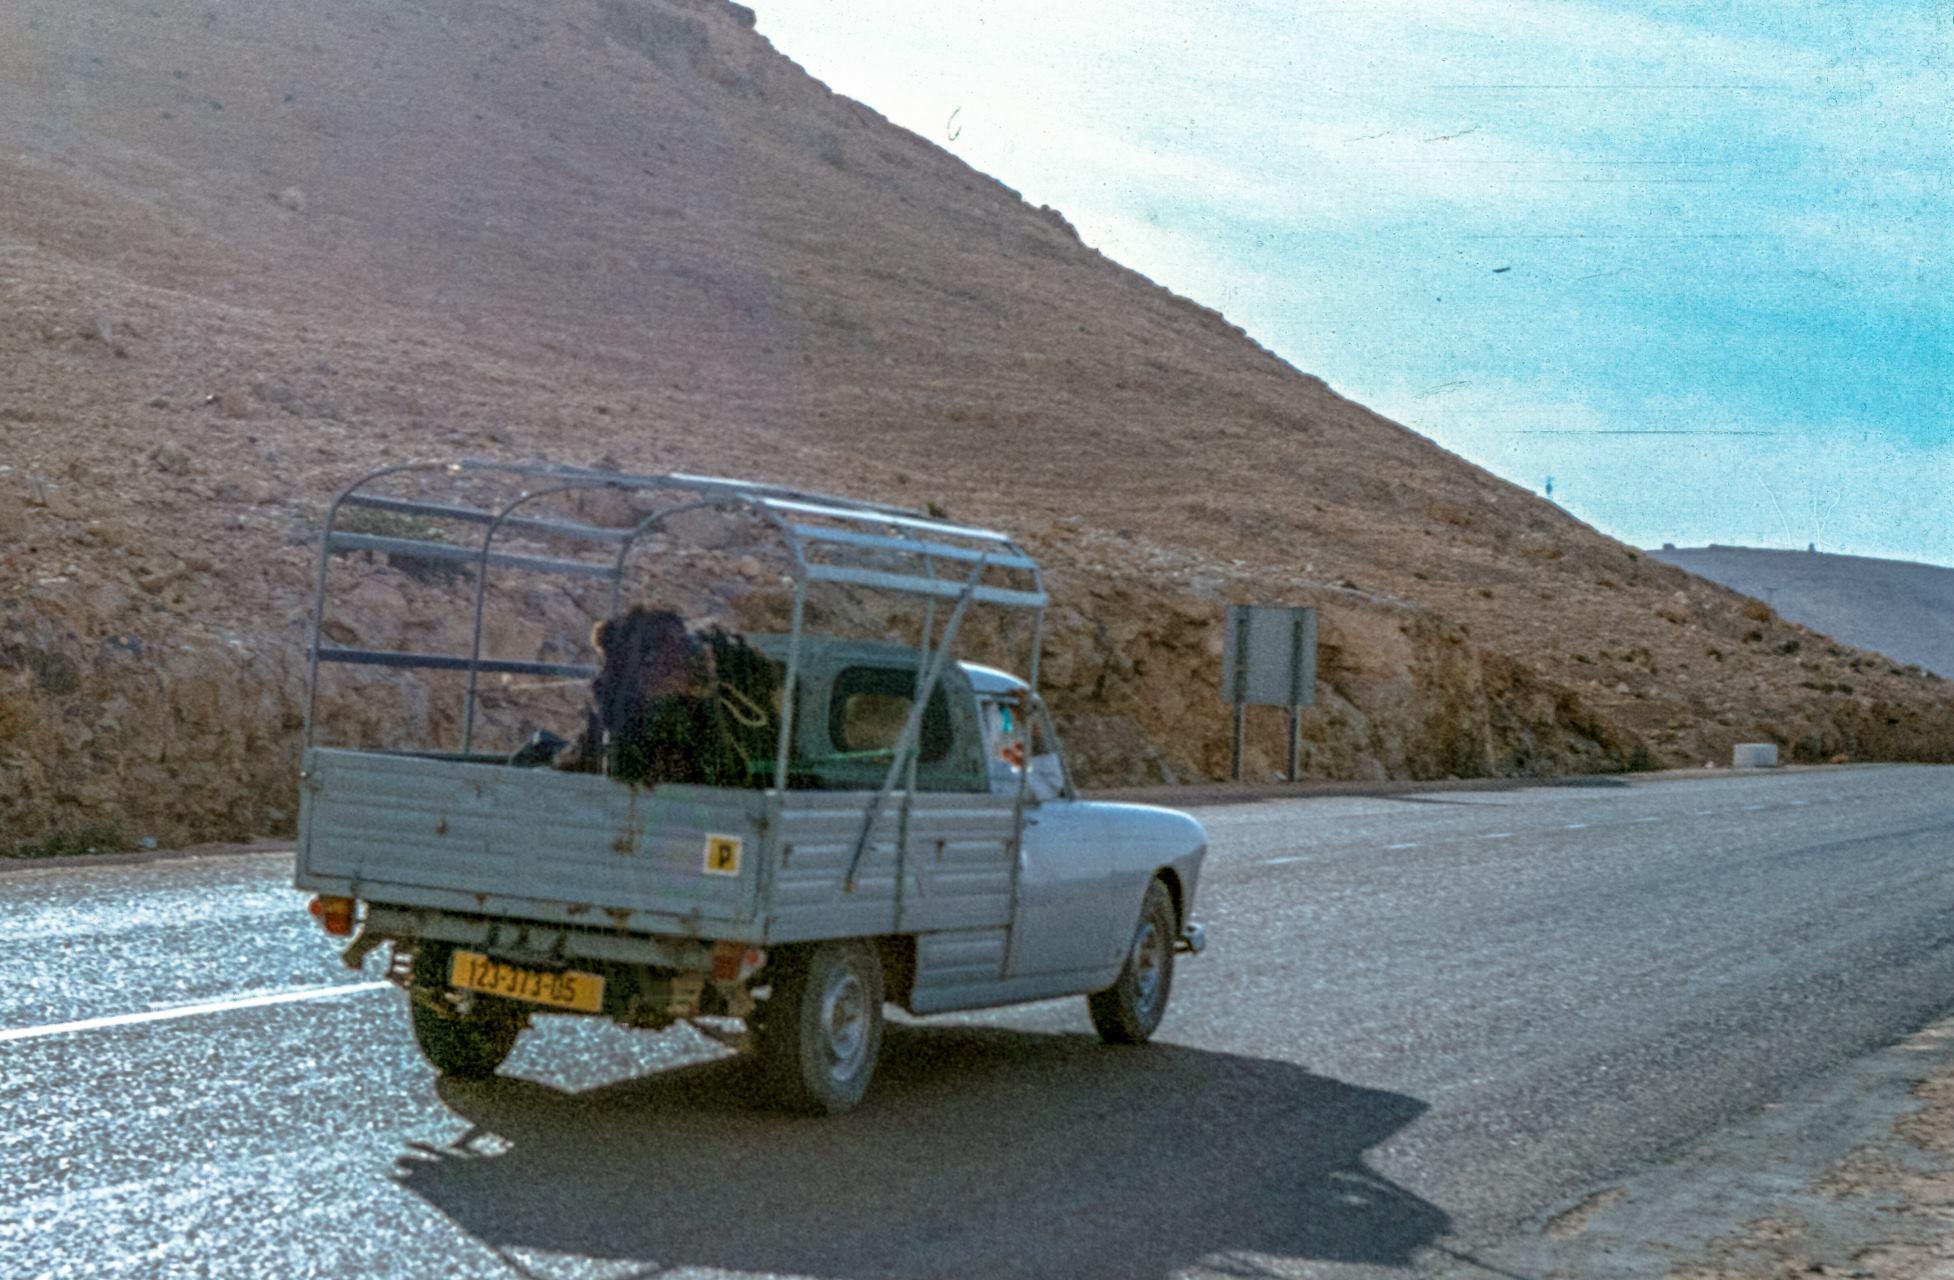 404-Live-transport-1978